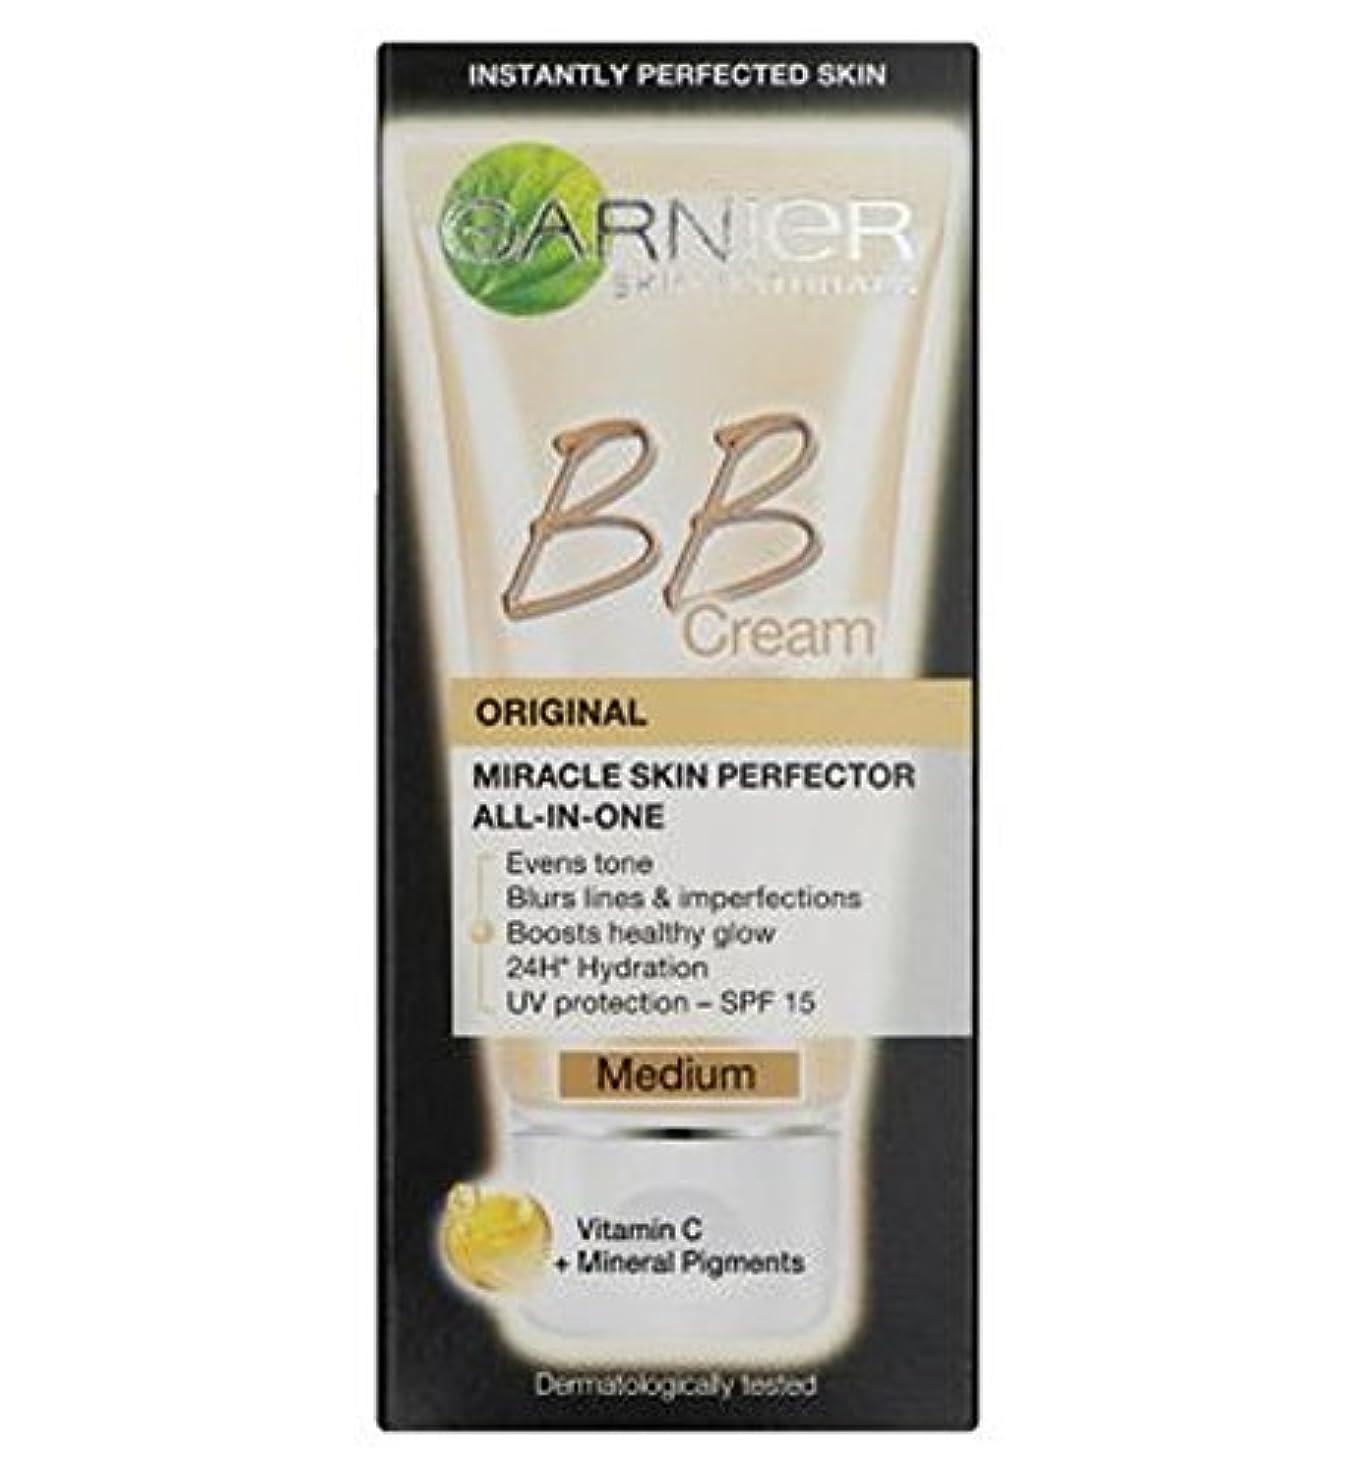 参照する局指標Garnier Skin Perfector Daily All-In-One B.B. Blemish Balm Cream Medium 50ml - 毎日オールインワンB.B.ガルニエスキンパーフェク傷バームクリーム...